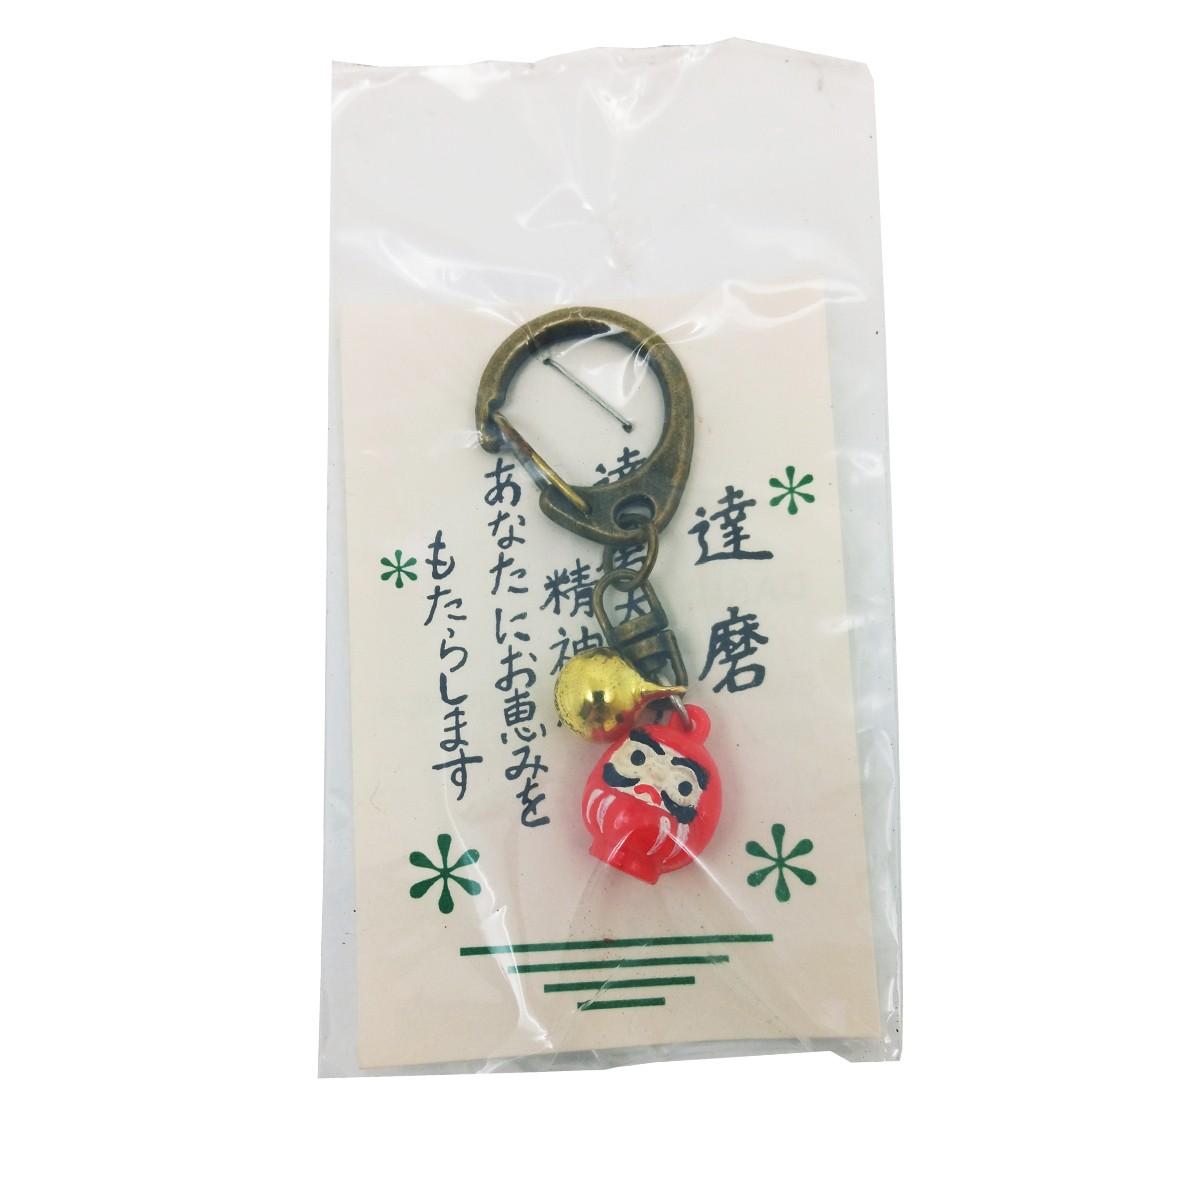 Chaveiro de Proteção Omamori - Daruma